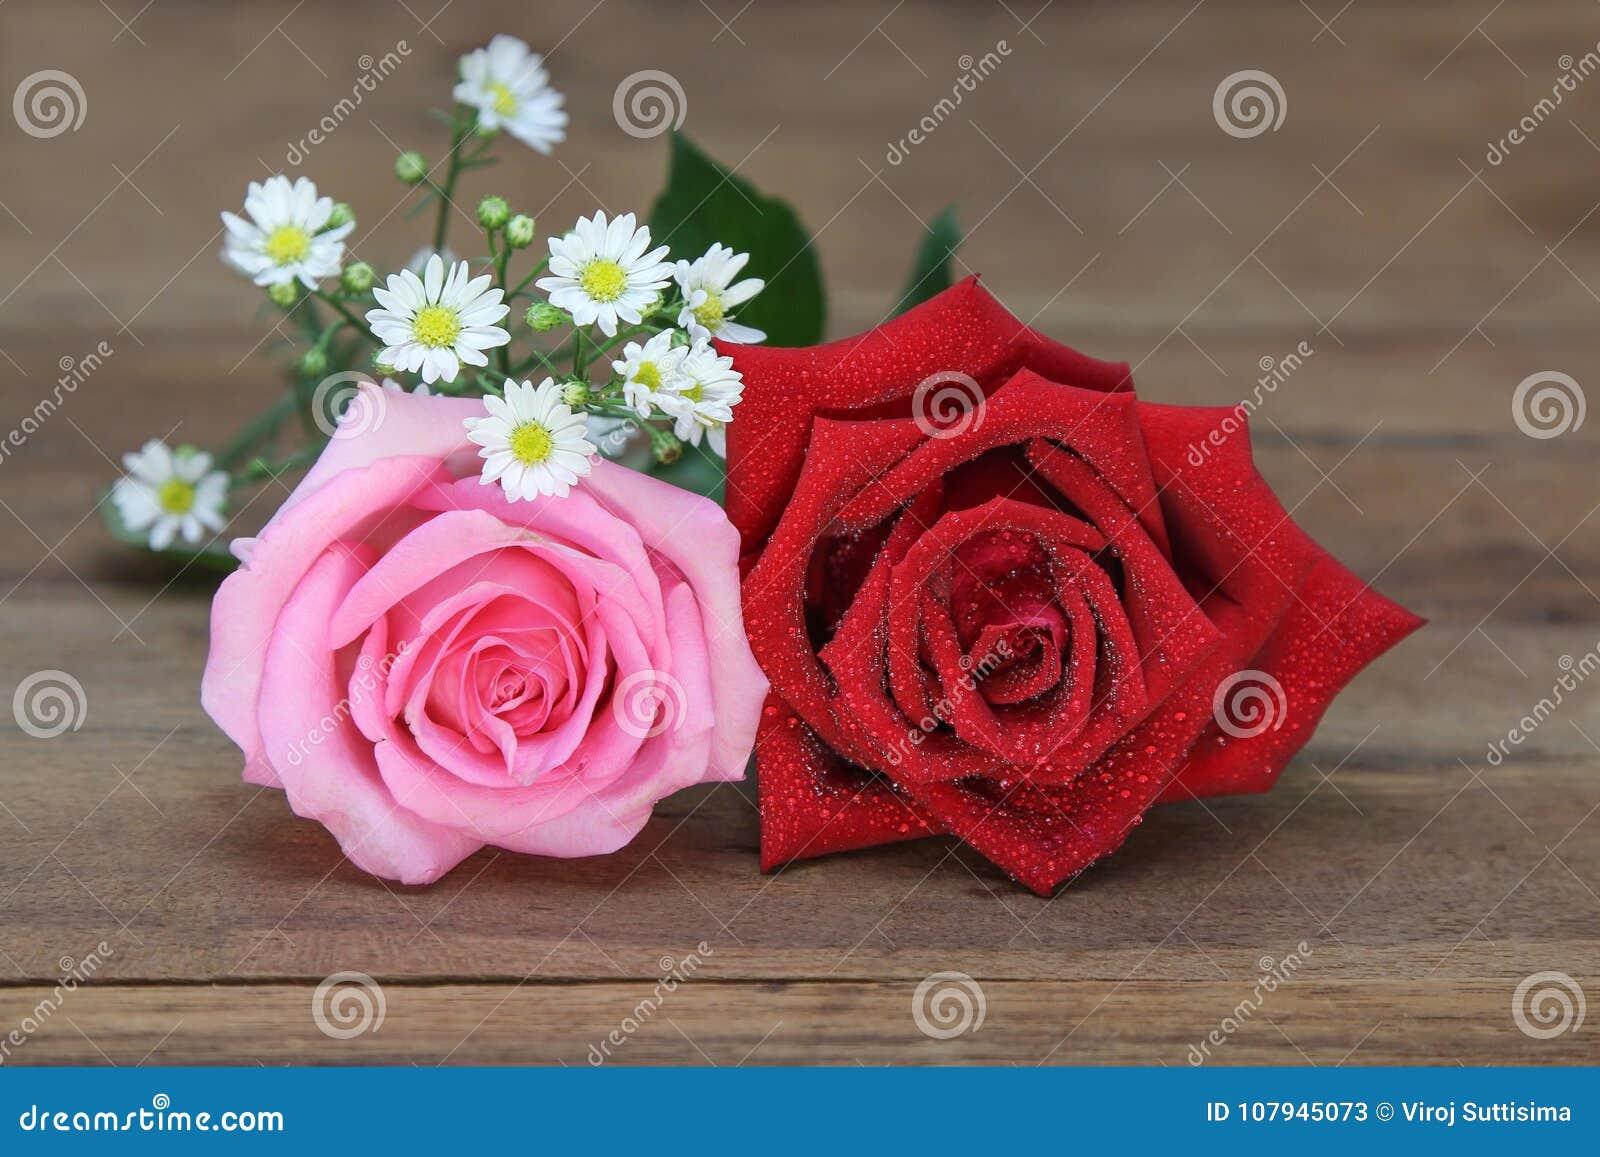 Роза красного цвета и пинка с водой падает на деревянную предпосылку